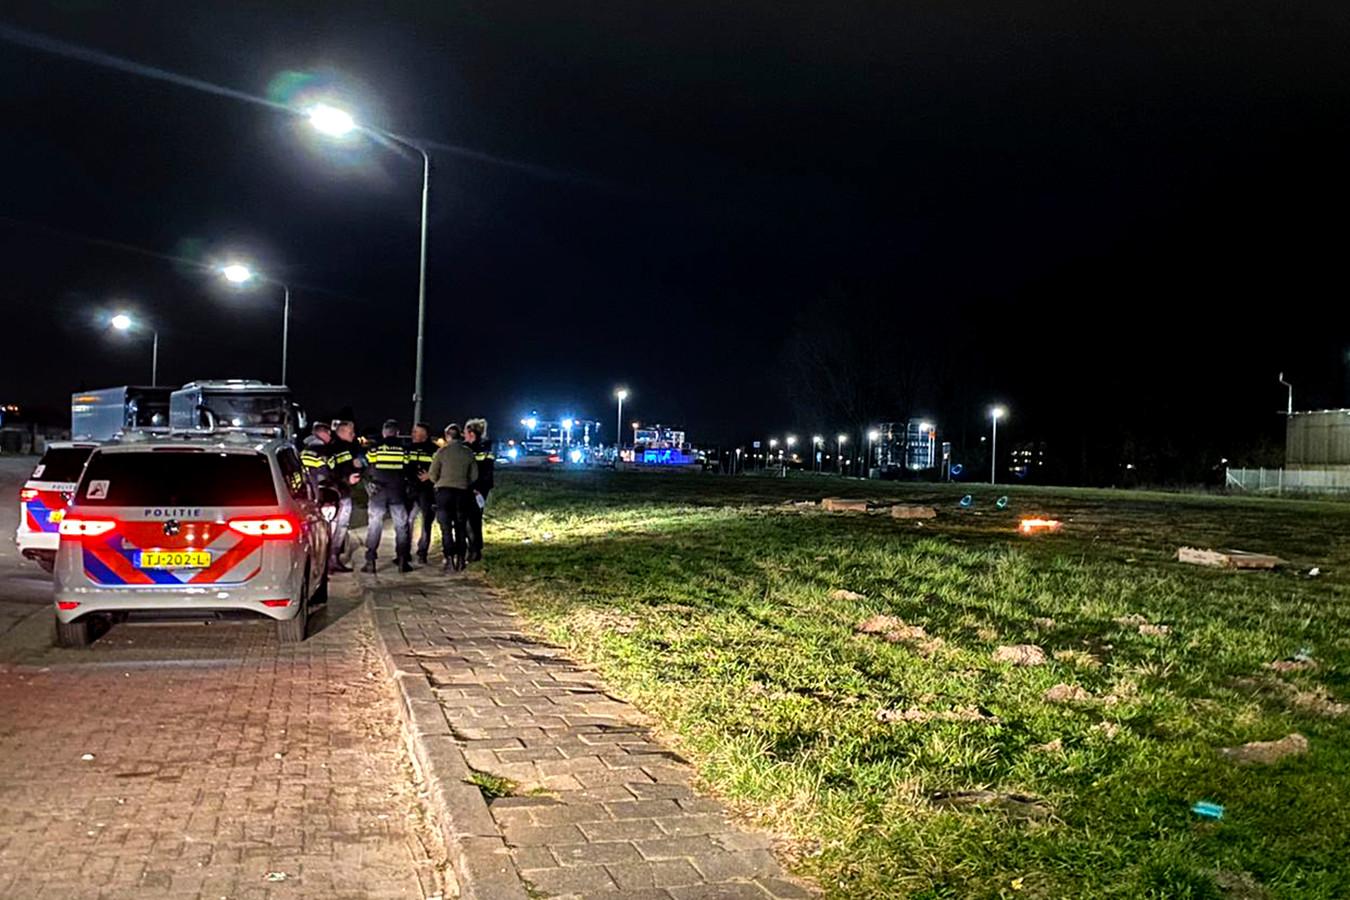 Vanaf de Kerkeplaat in Dordrecht werd donderdagavond een 'vuurwerkshow gegeven'.